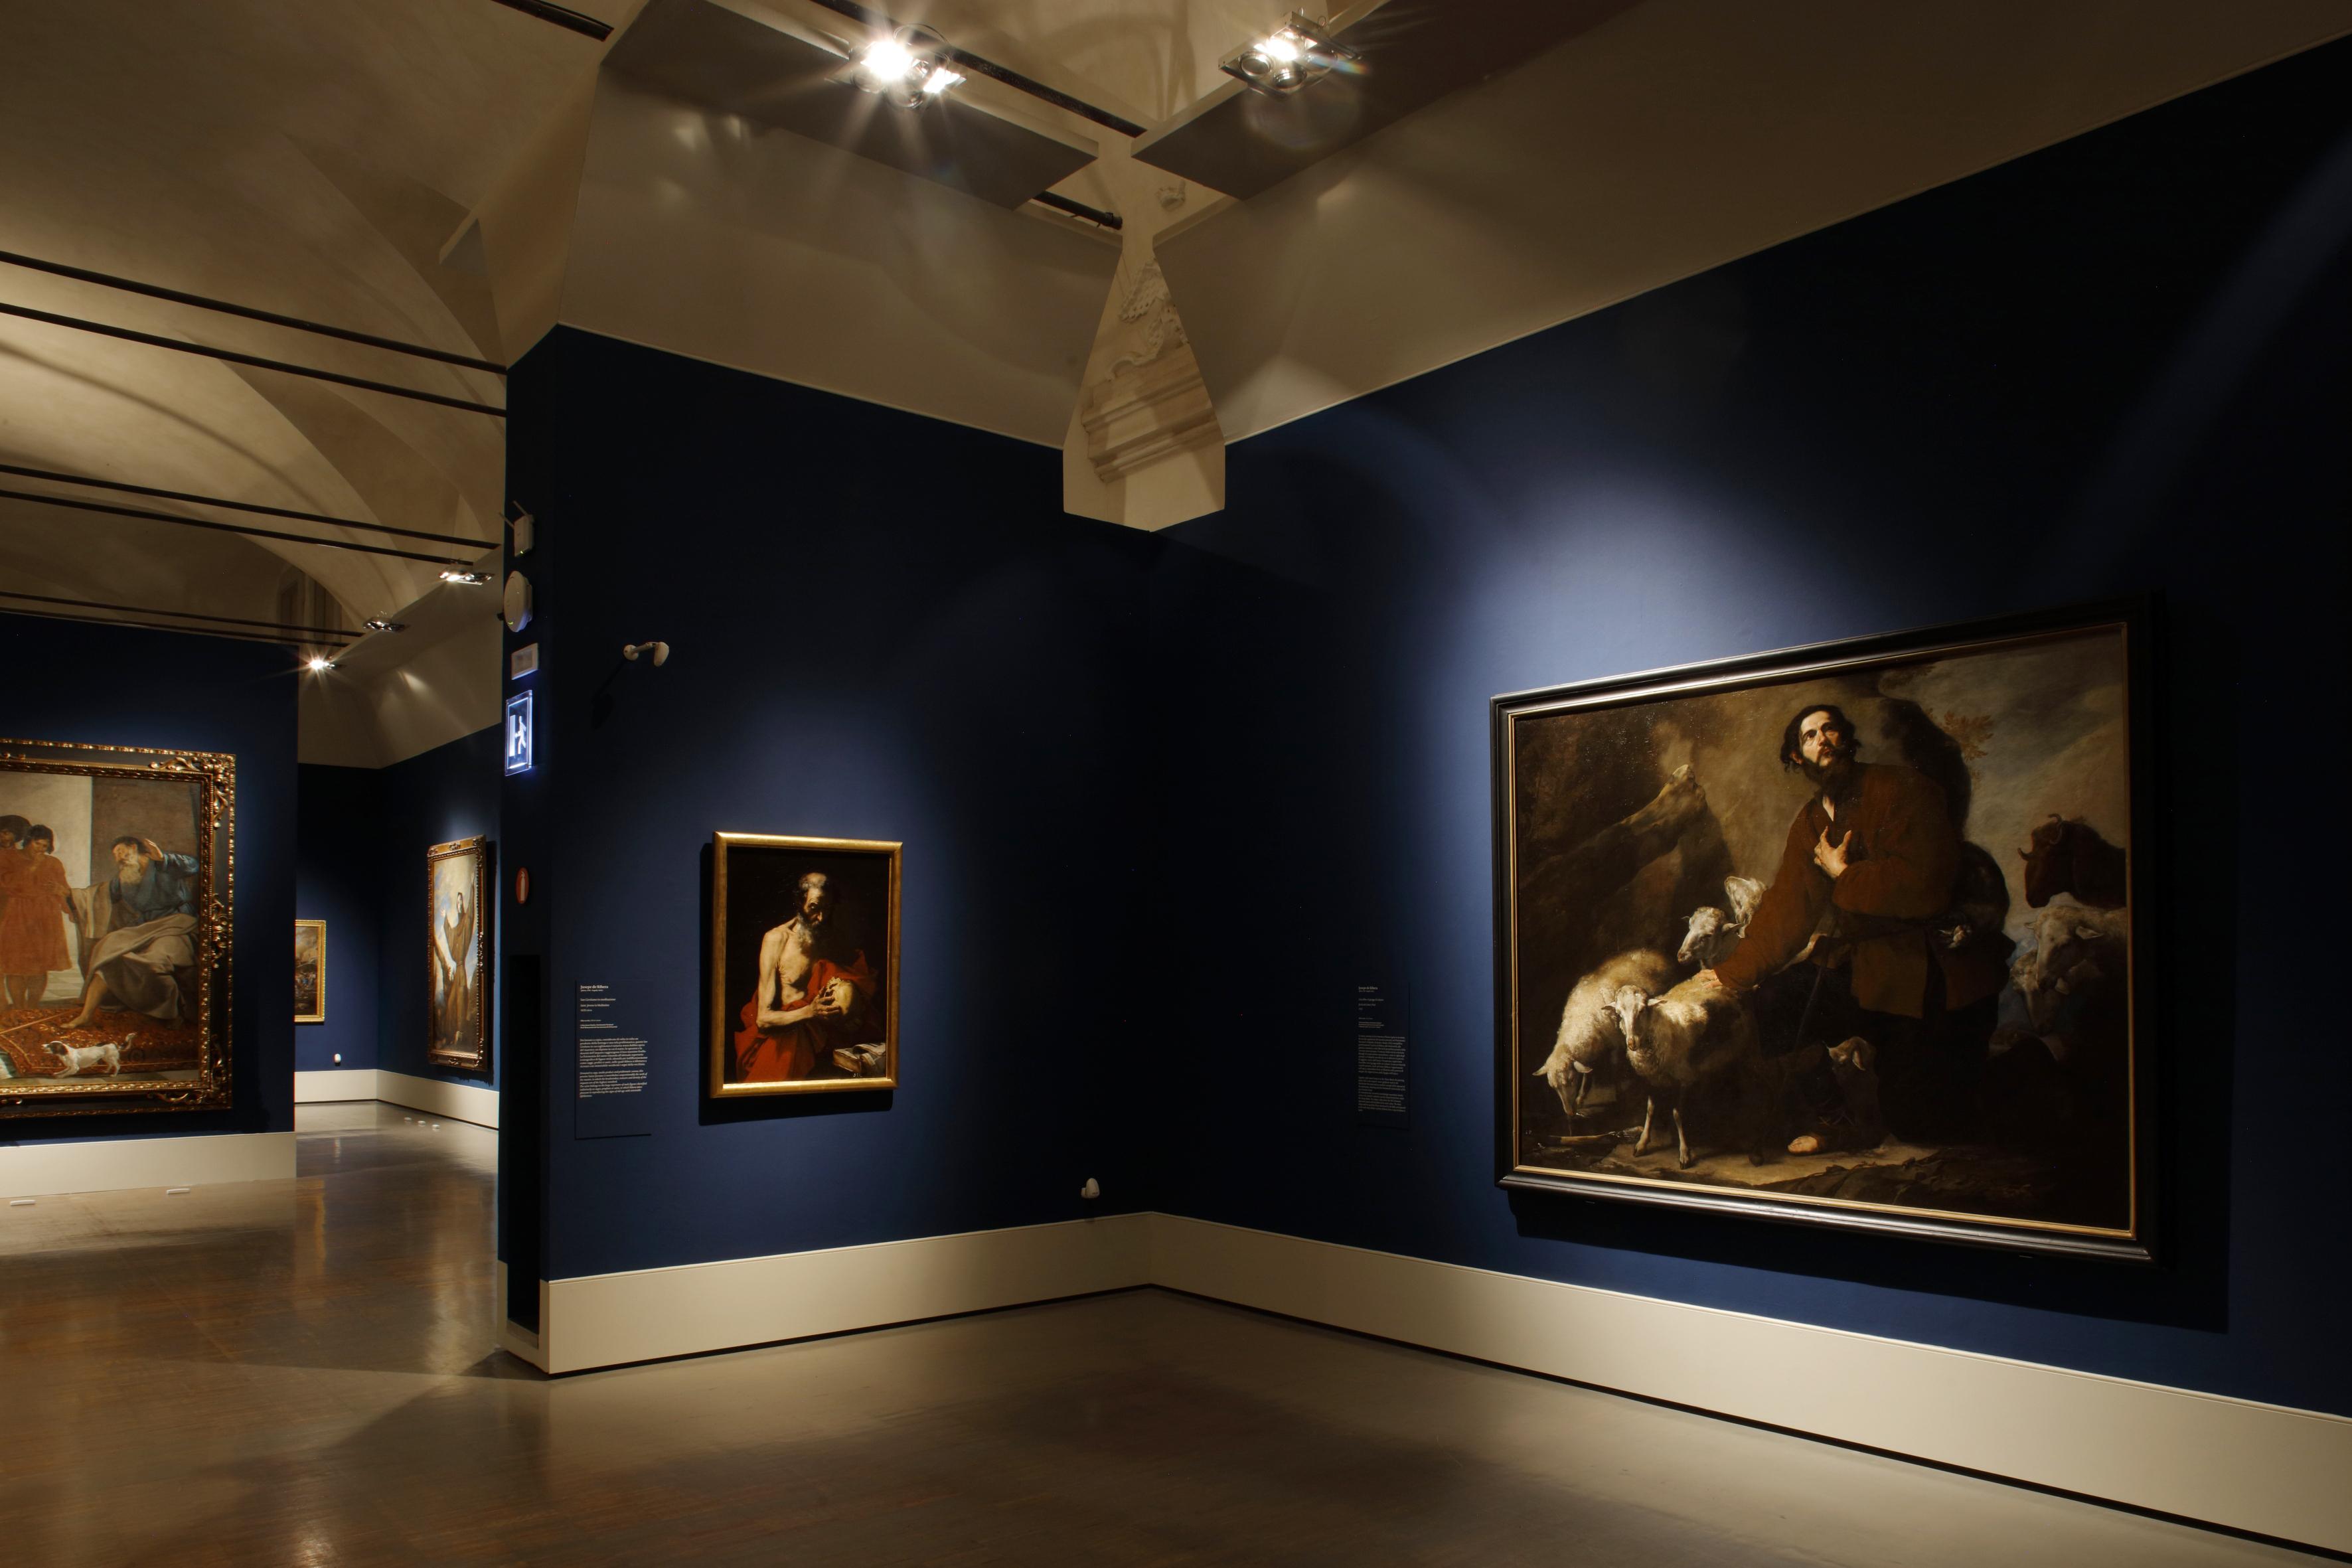 Roma, da Caravaggio a Bernini: alle Scuderie del Quirinale in mostra i tesori delle Collezioni Reali di Spagna